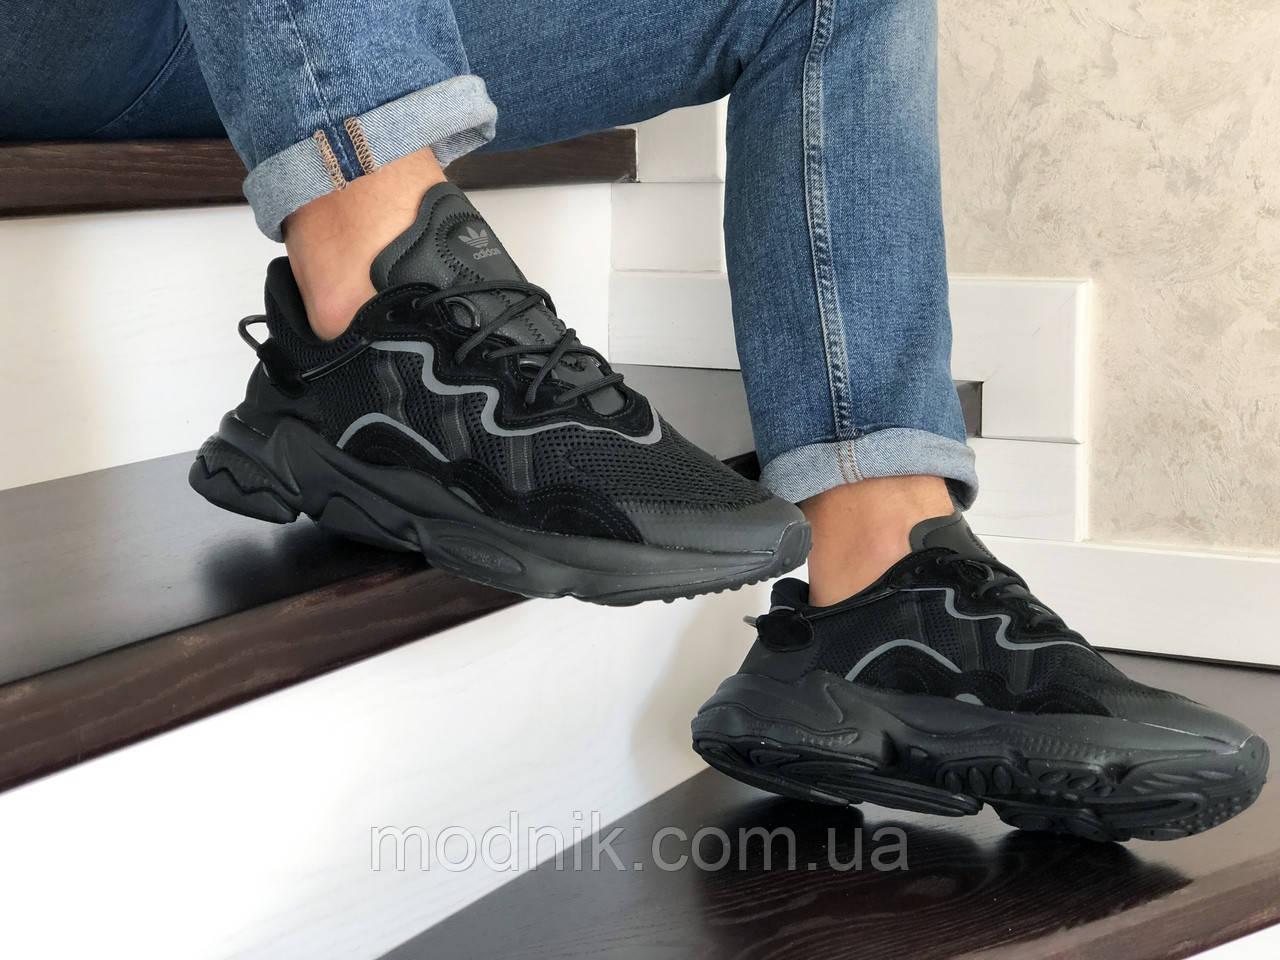 Мужские кроссовки Adidas Ozweego TR (черные) - весна-осень